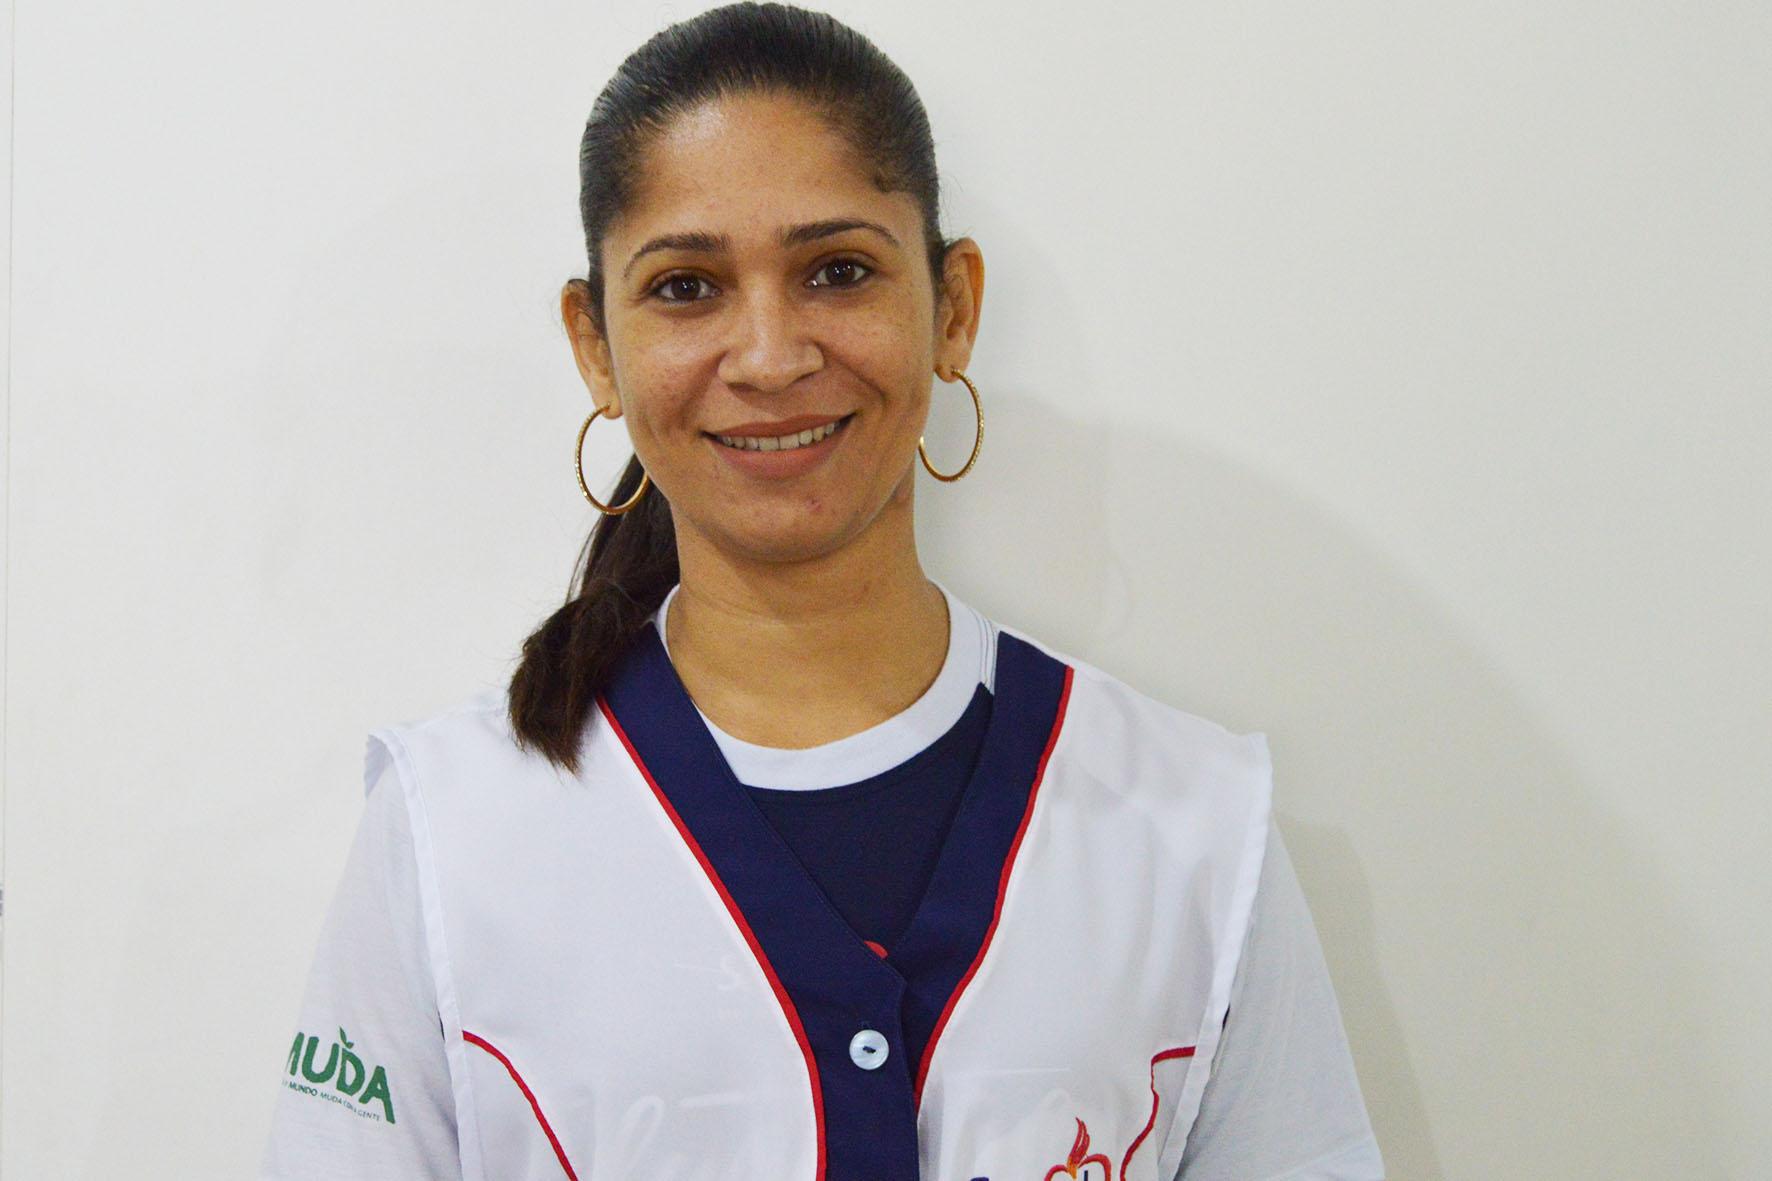 FRANCINEIDE LOPES DE OLIVEIRA VIEIRA